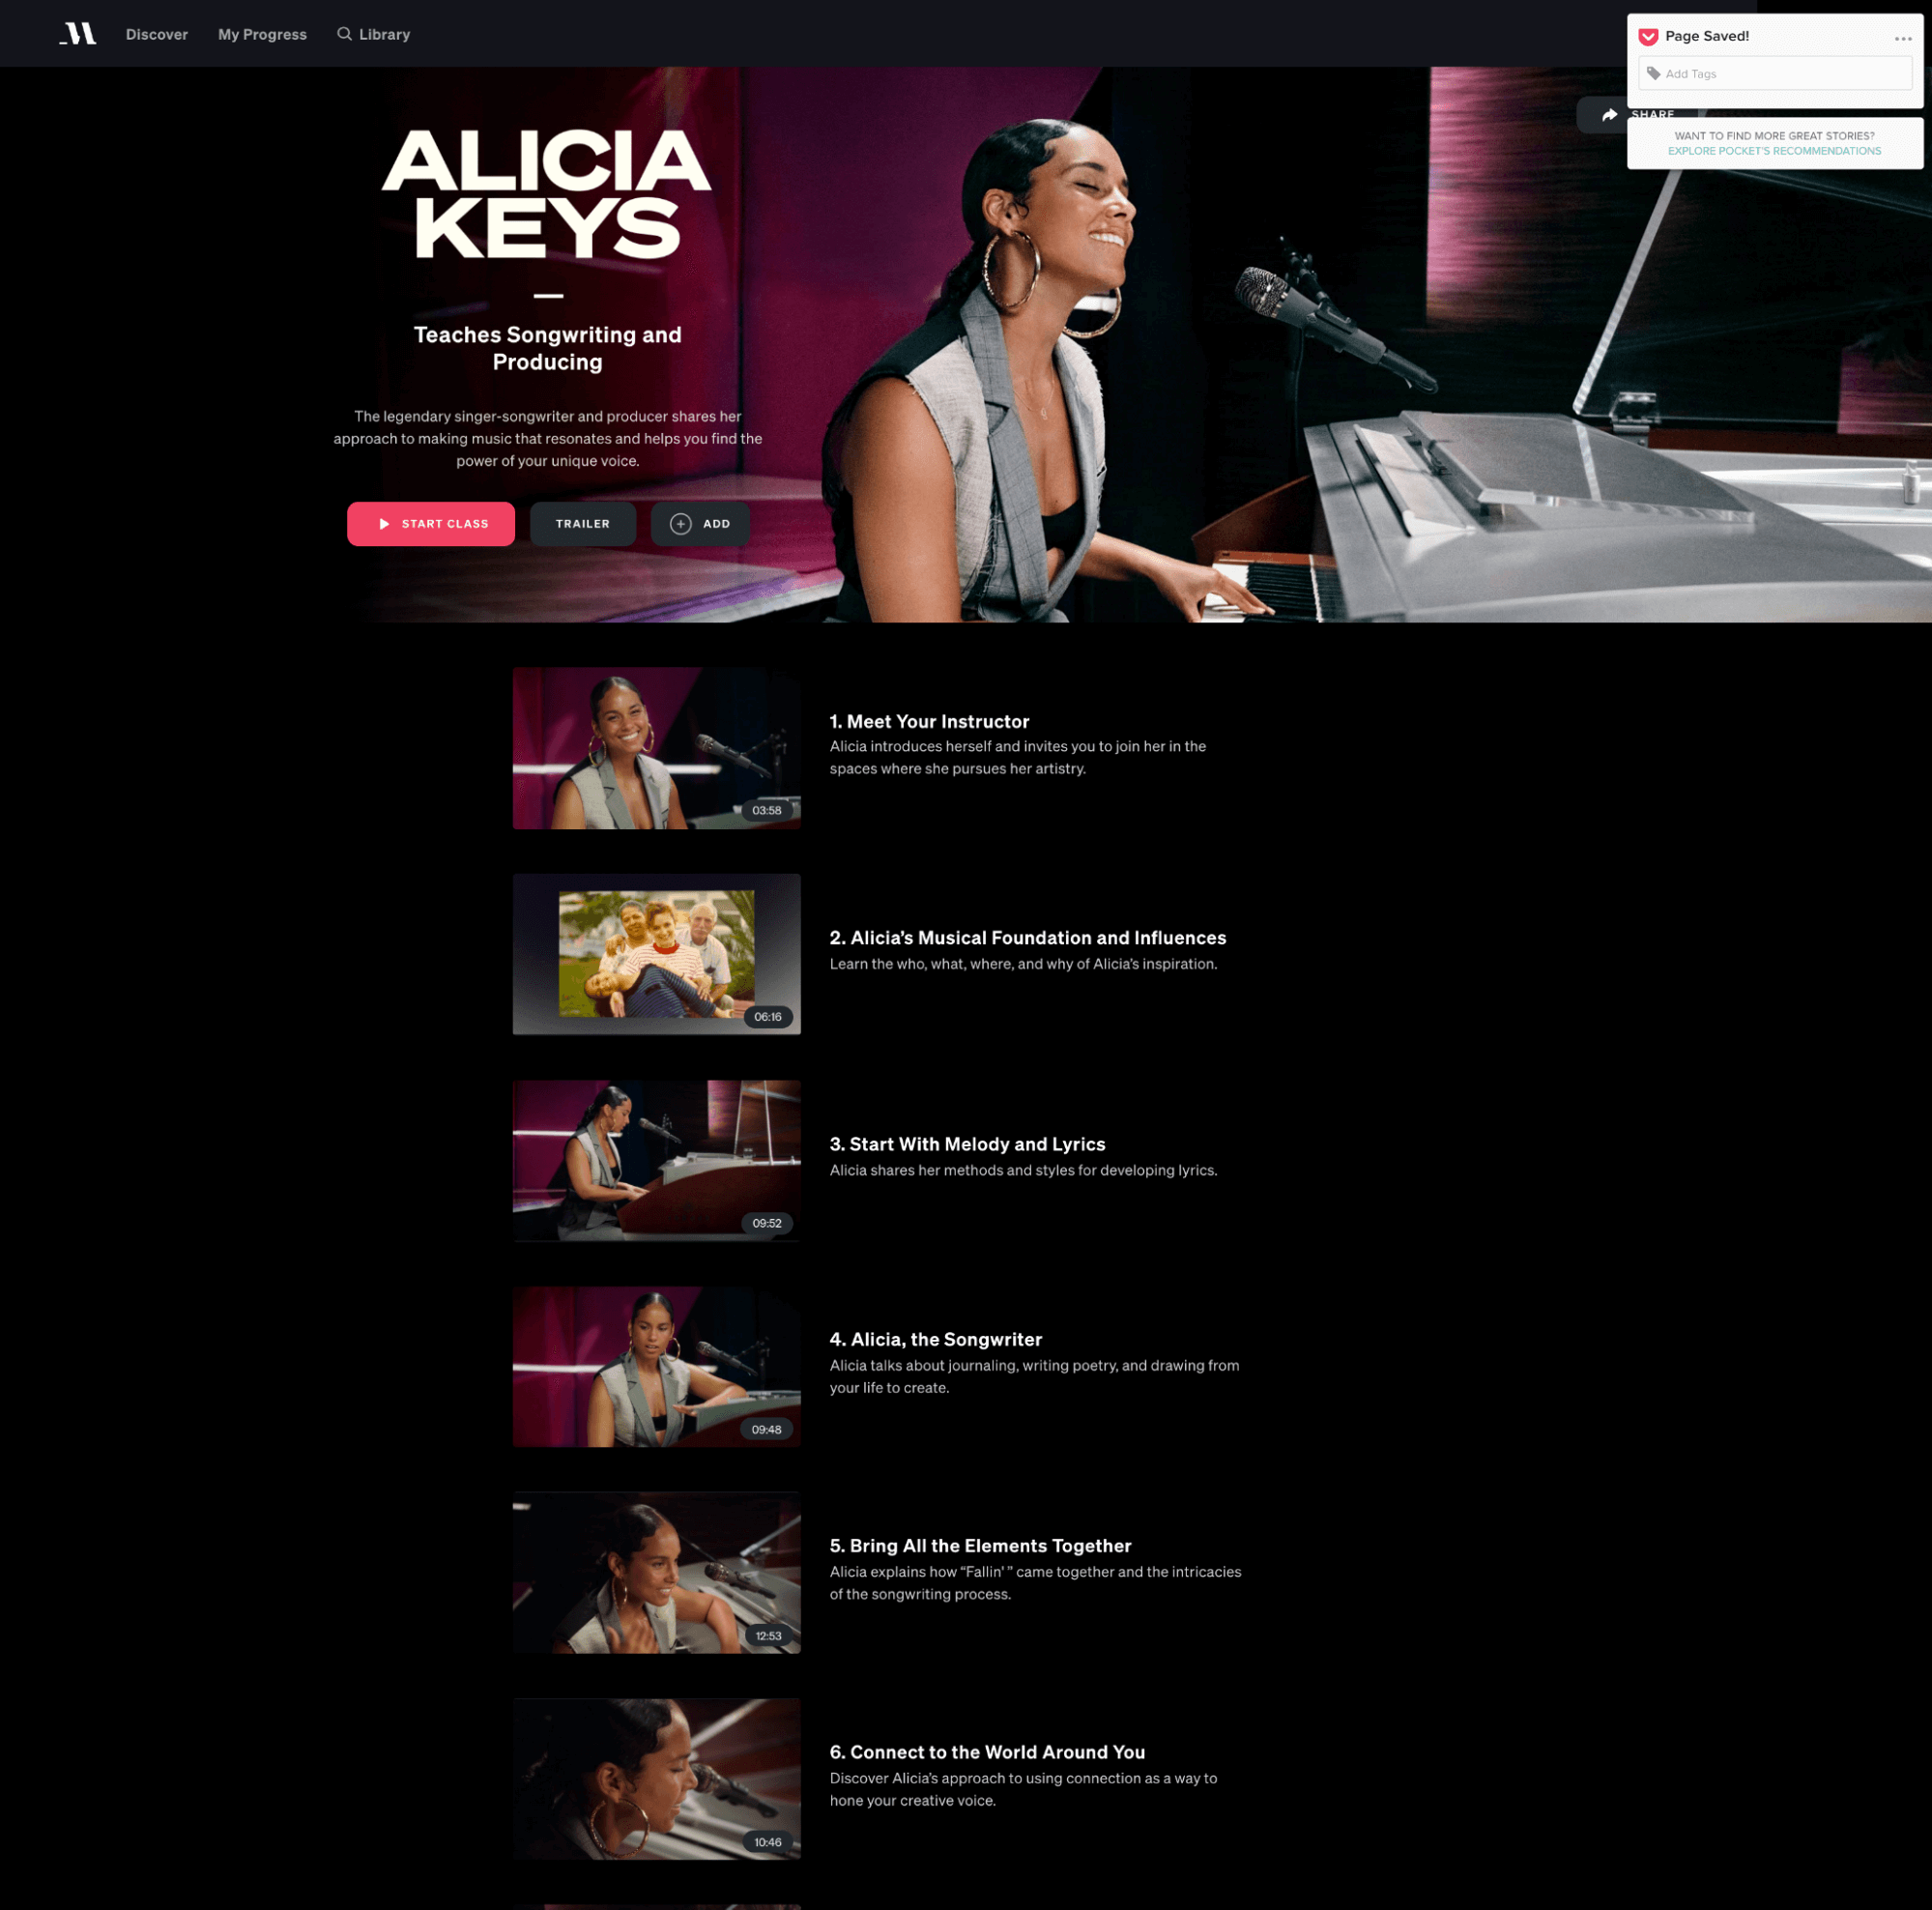 alicia keys masterclass